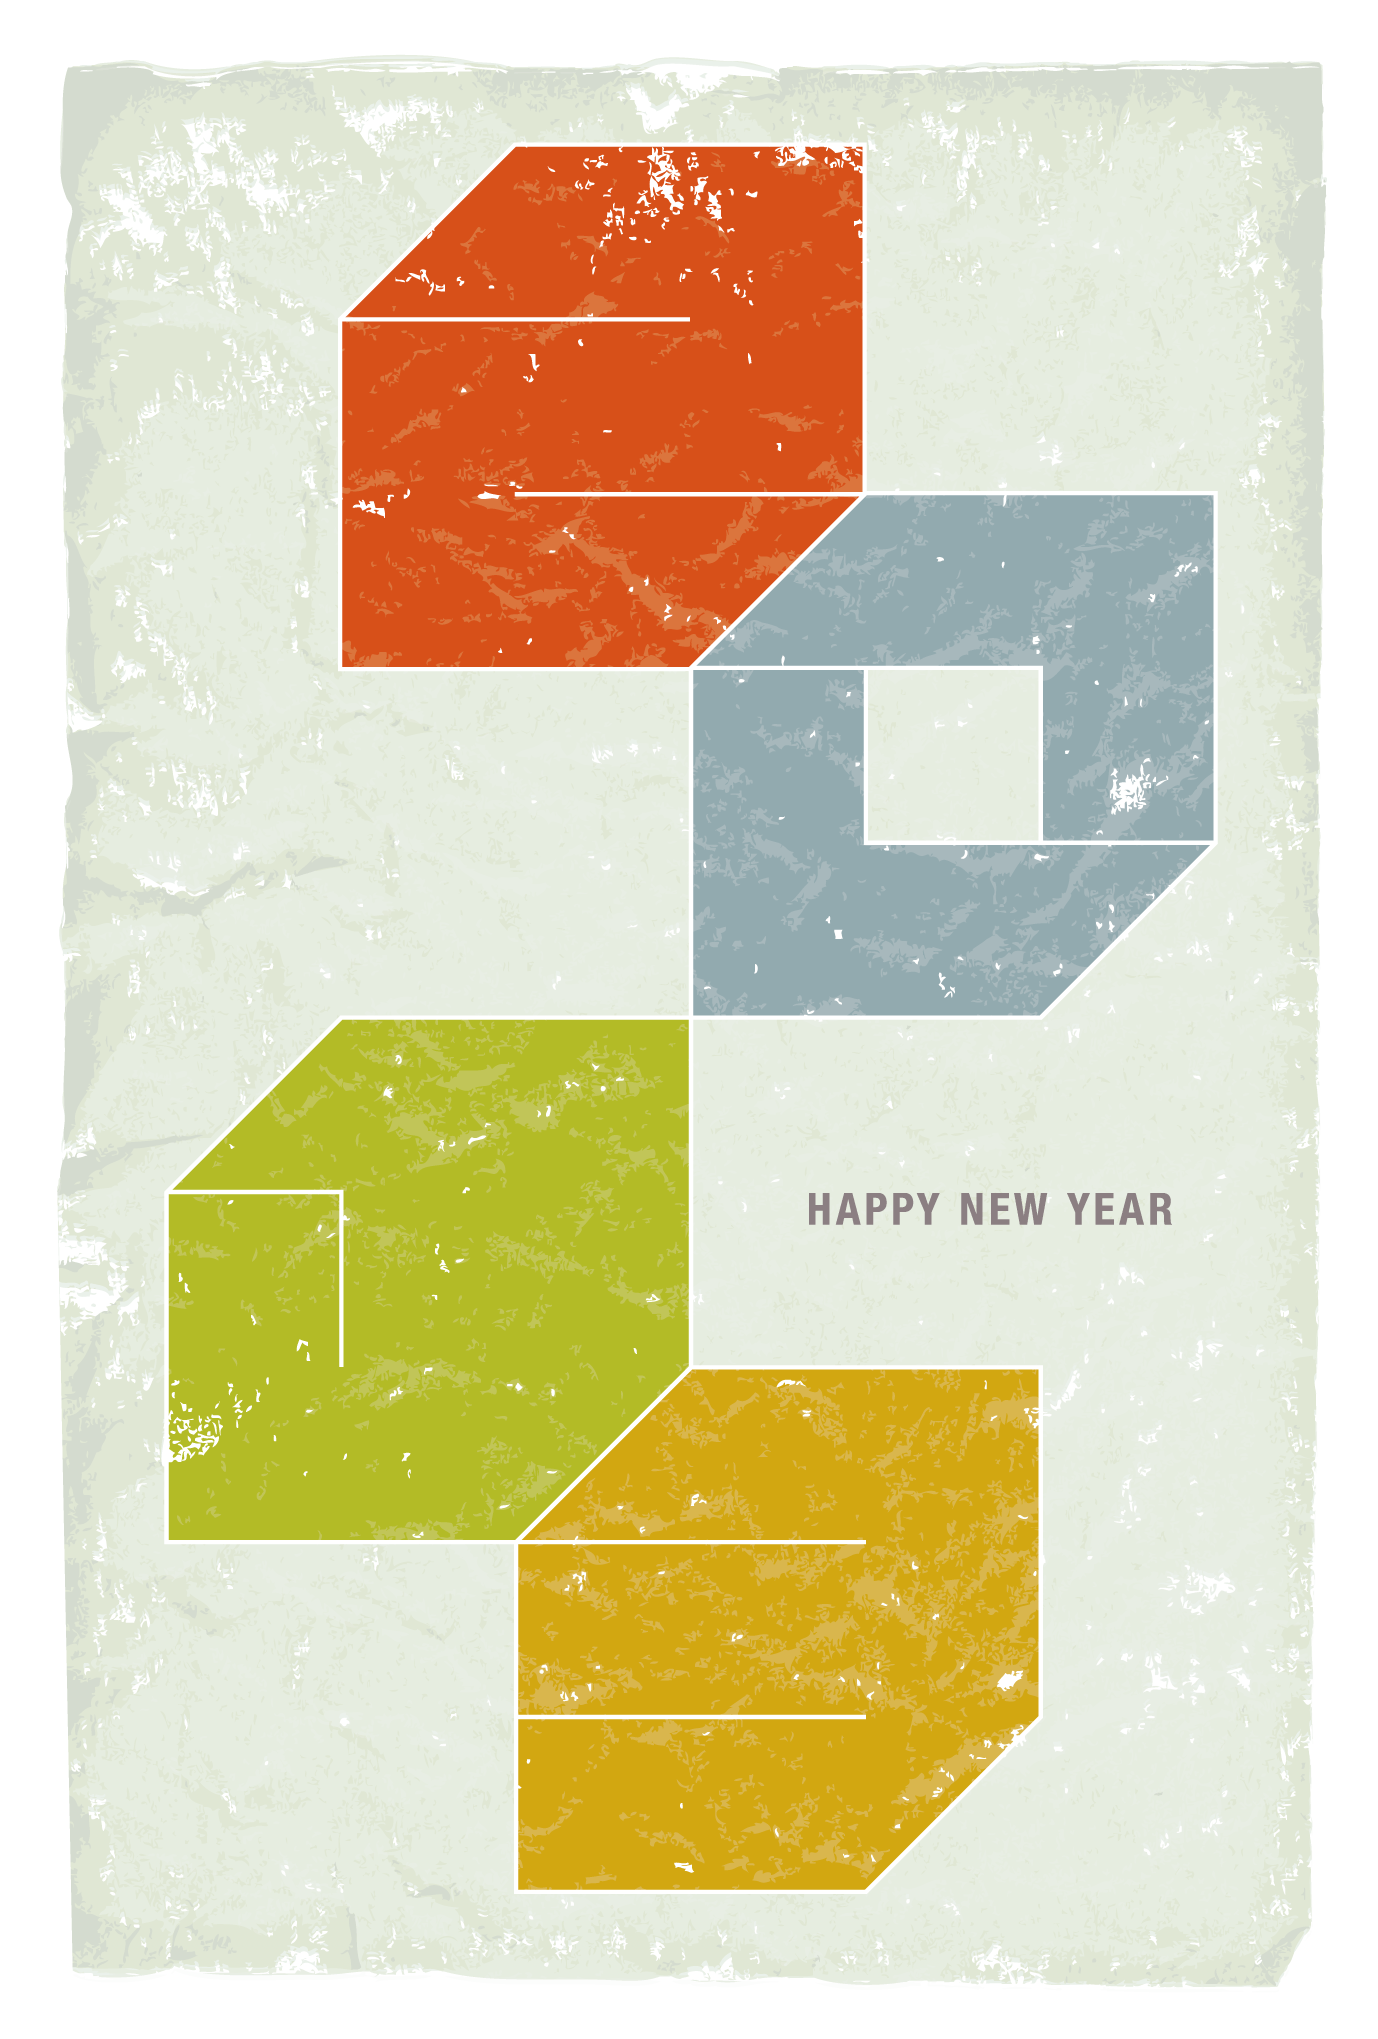 2013年賀状07-1:Square 2013 / 3のダウンロード画像